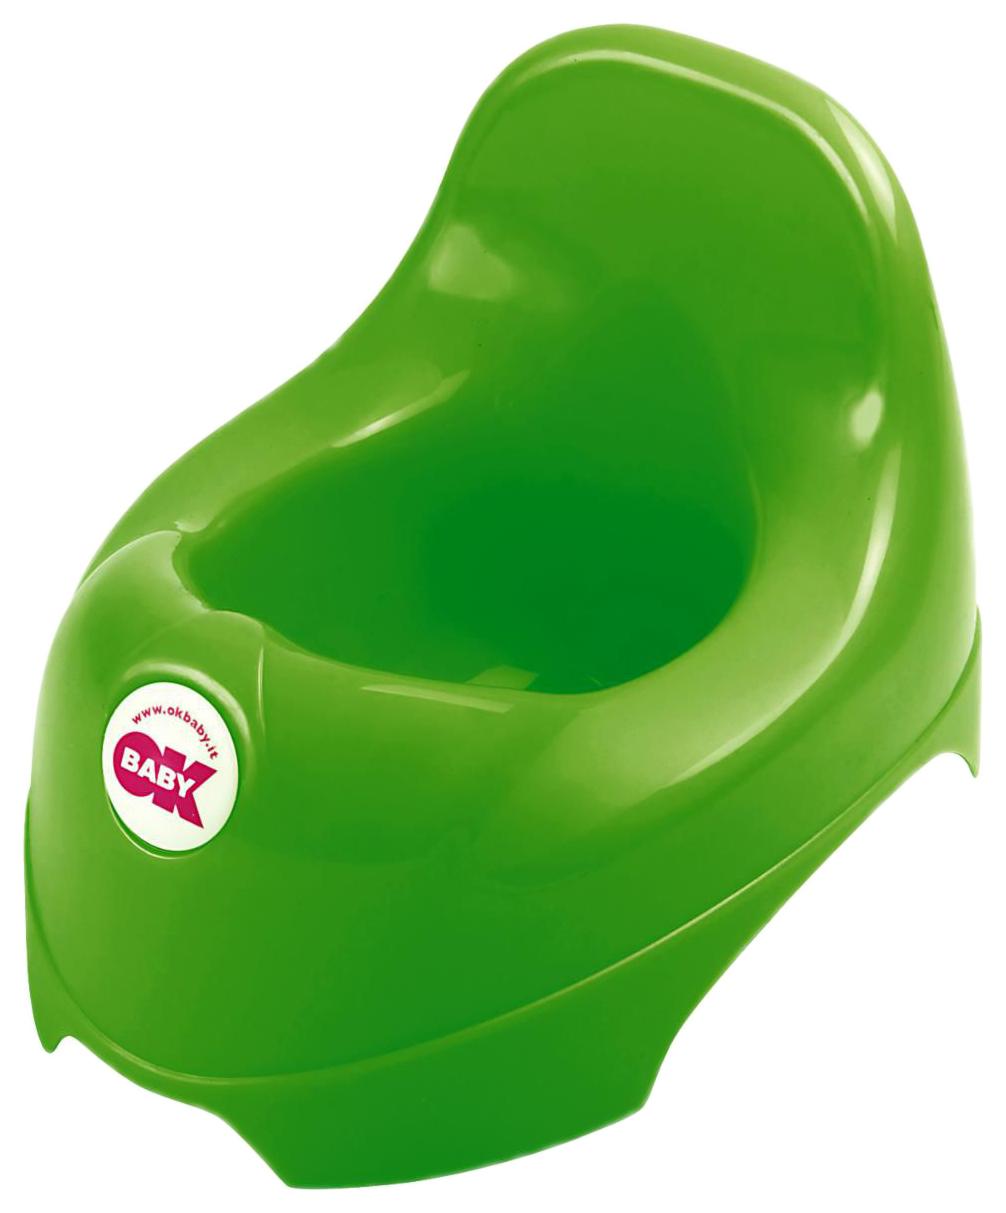 Купить Горшок детский Ok Baby Relax зеленый, Горшки детские